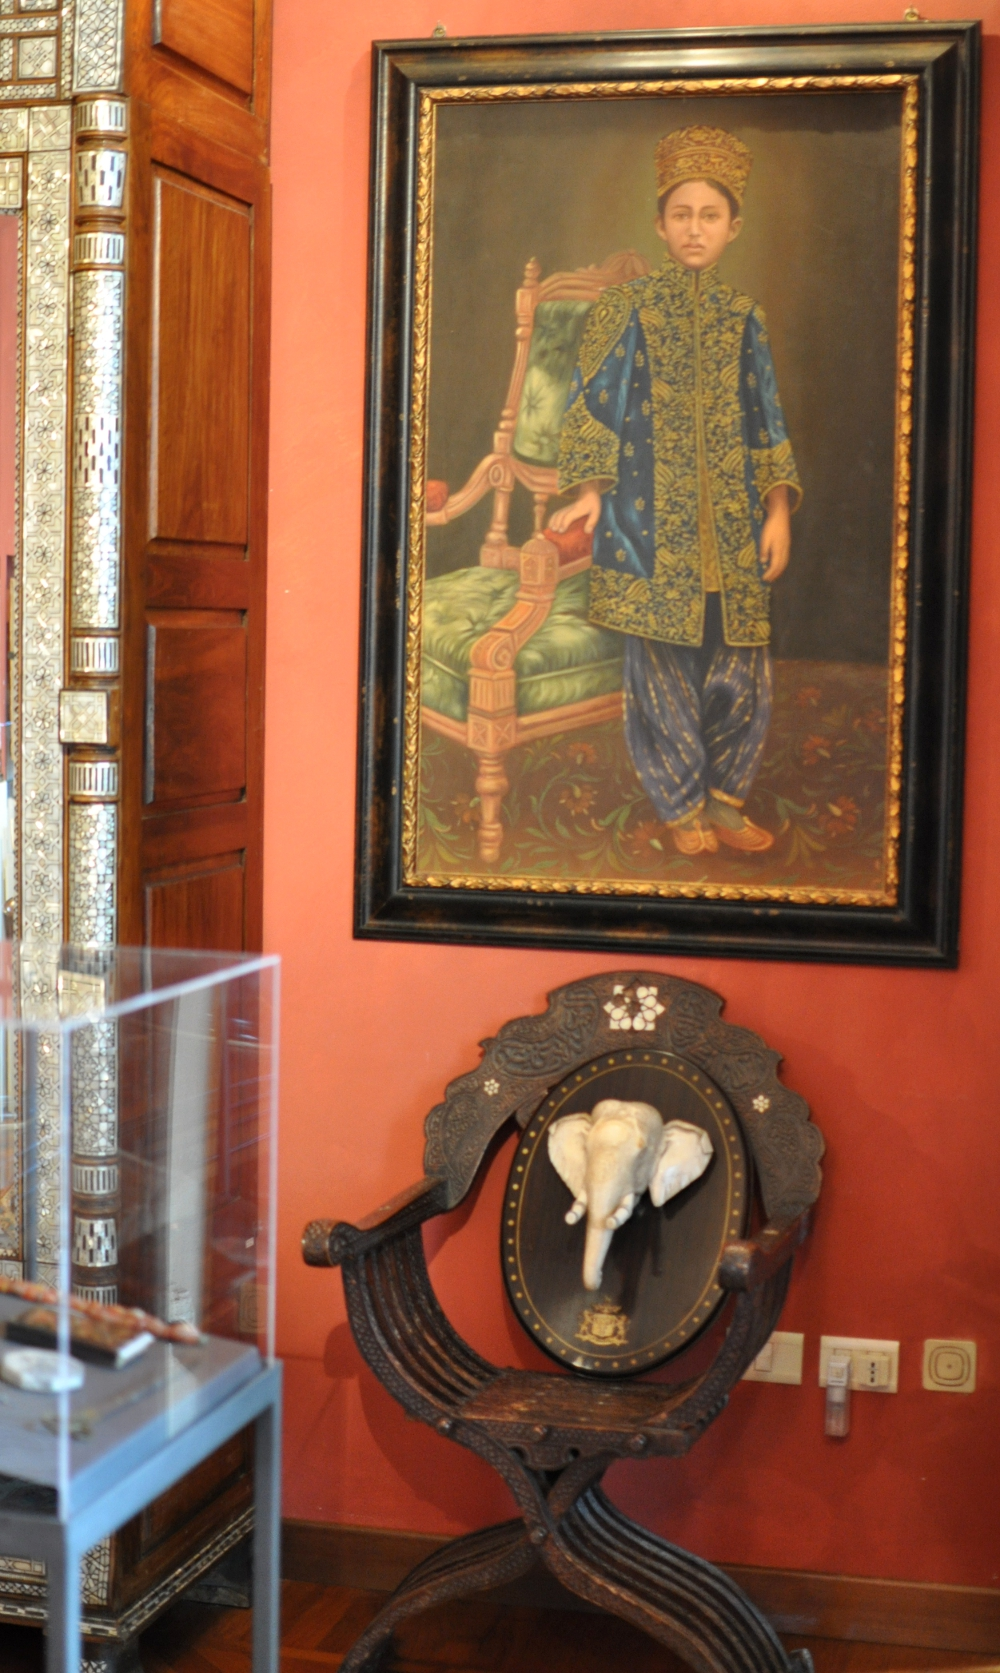 rocaille-blog-ethnologica-galleria-wunderkammer-andrea-filippi-forlì (8)